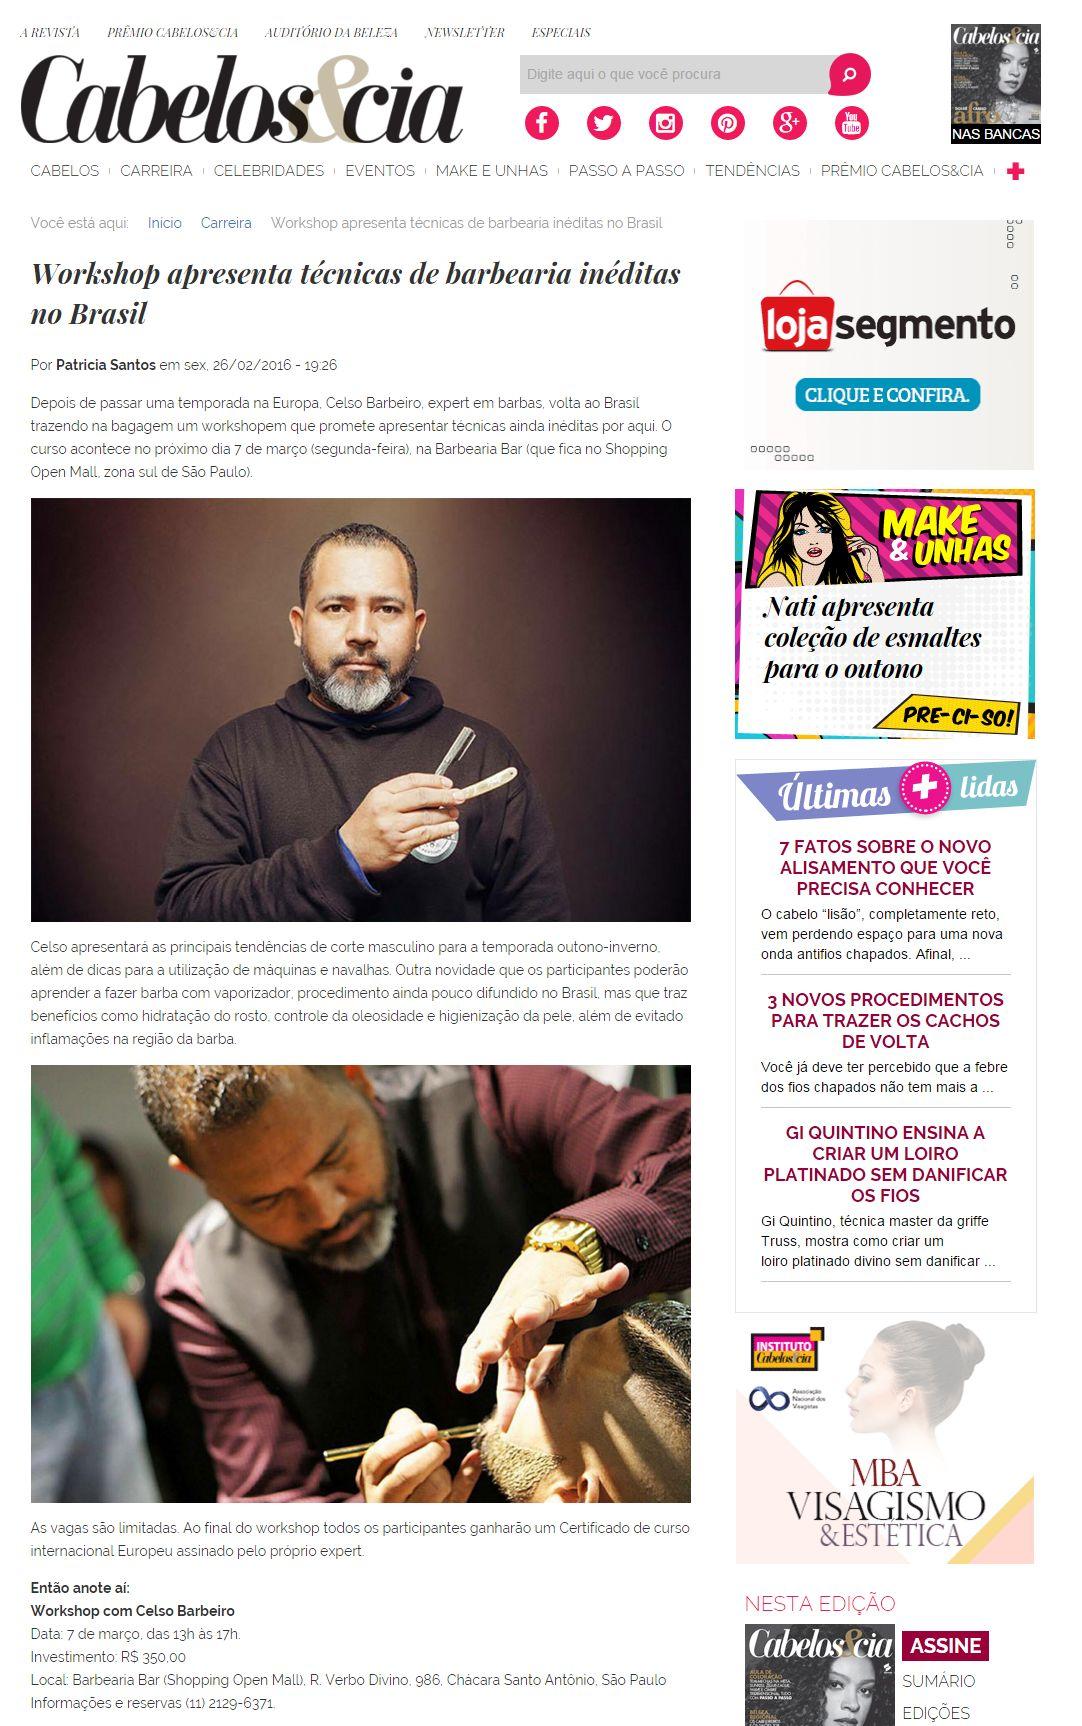 revistacabelos.uol.com.br 26 02 16